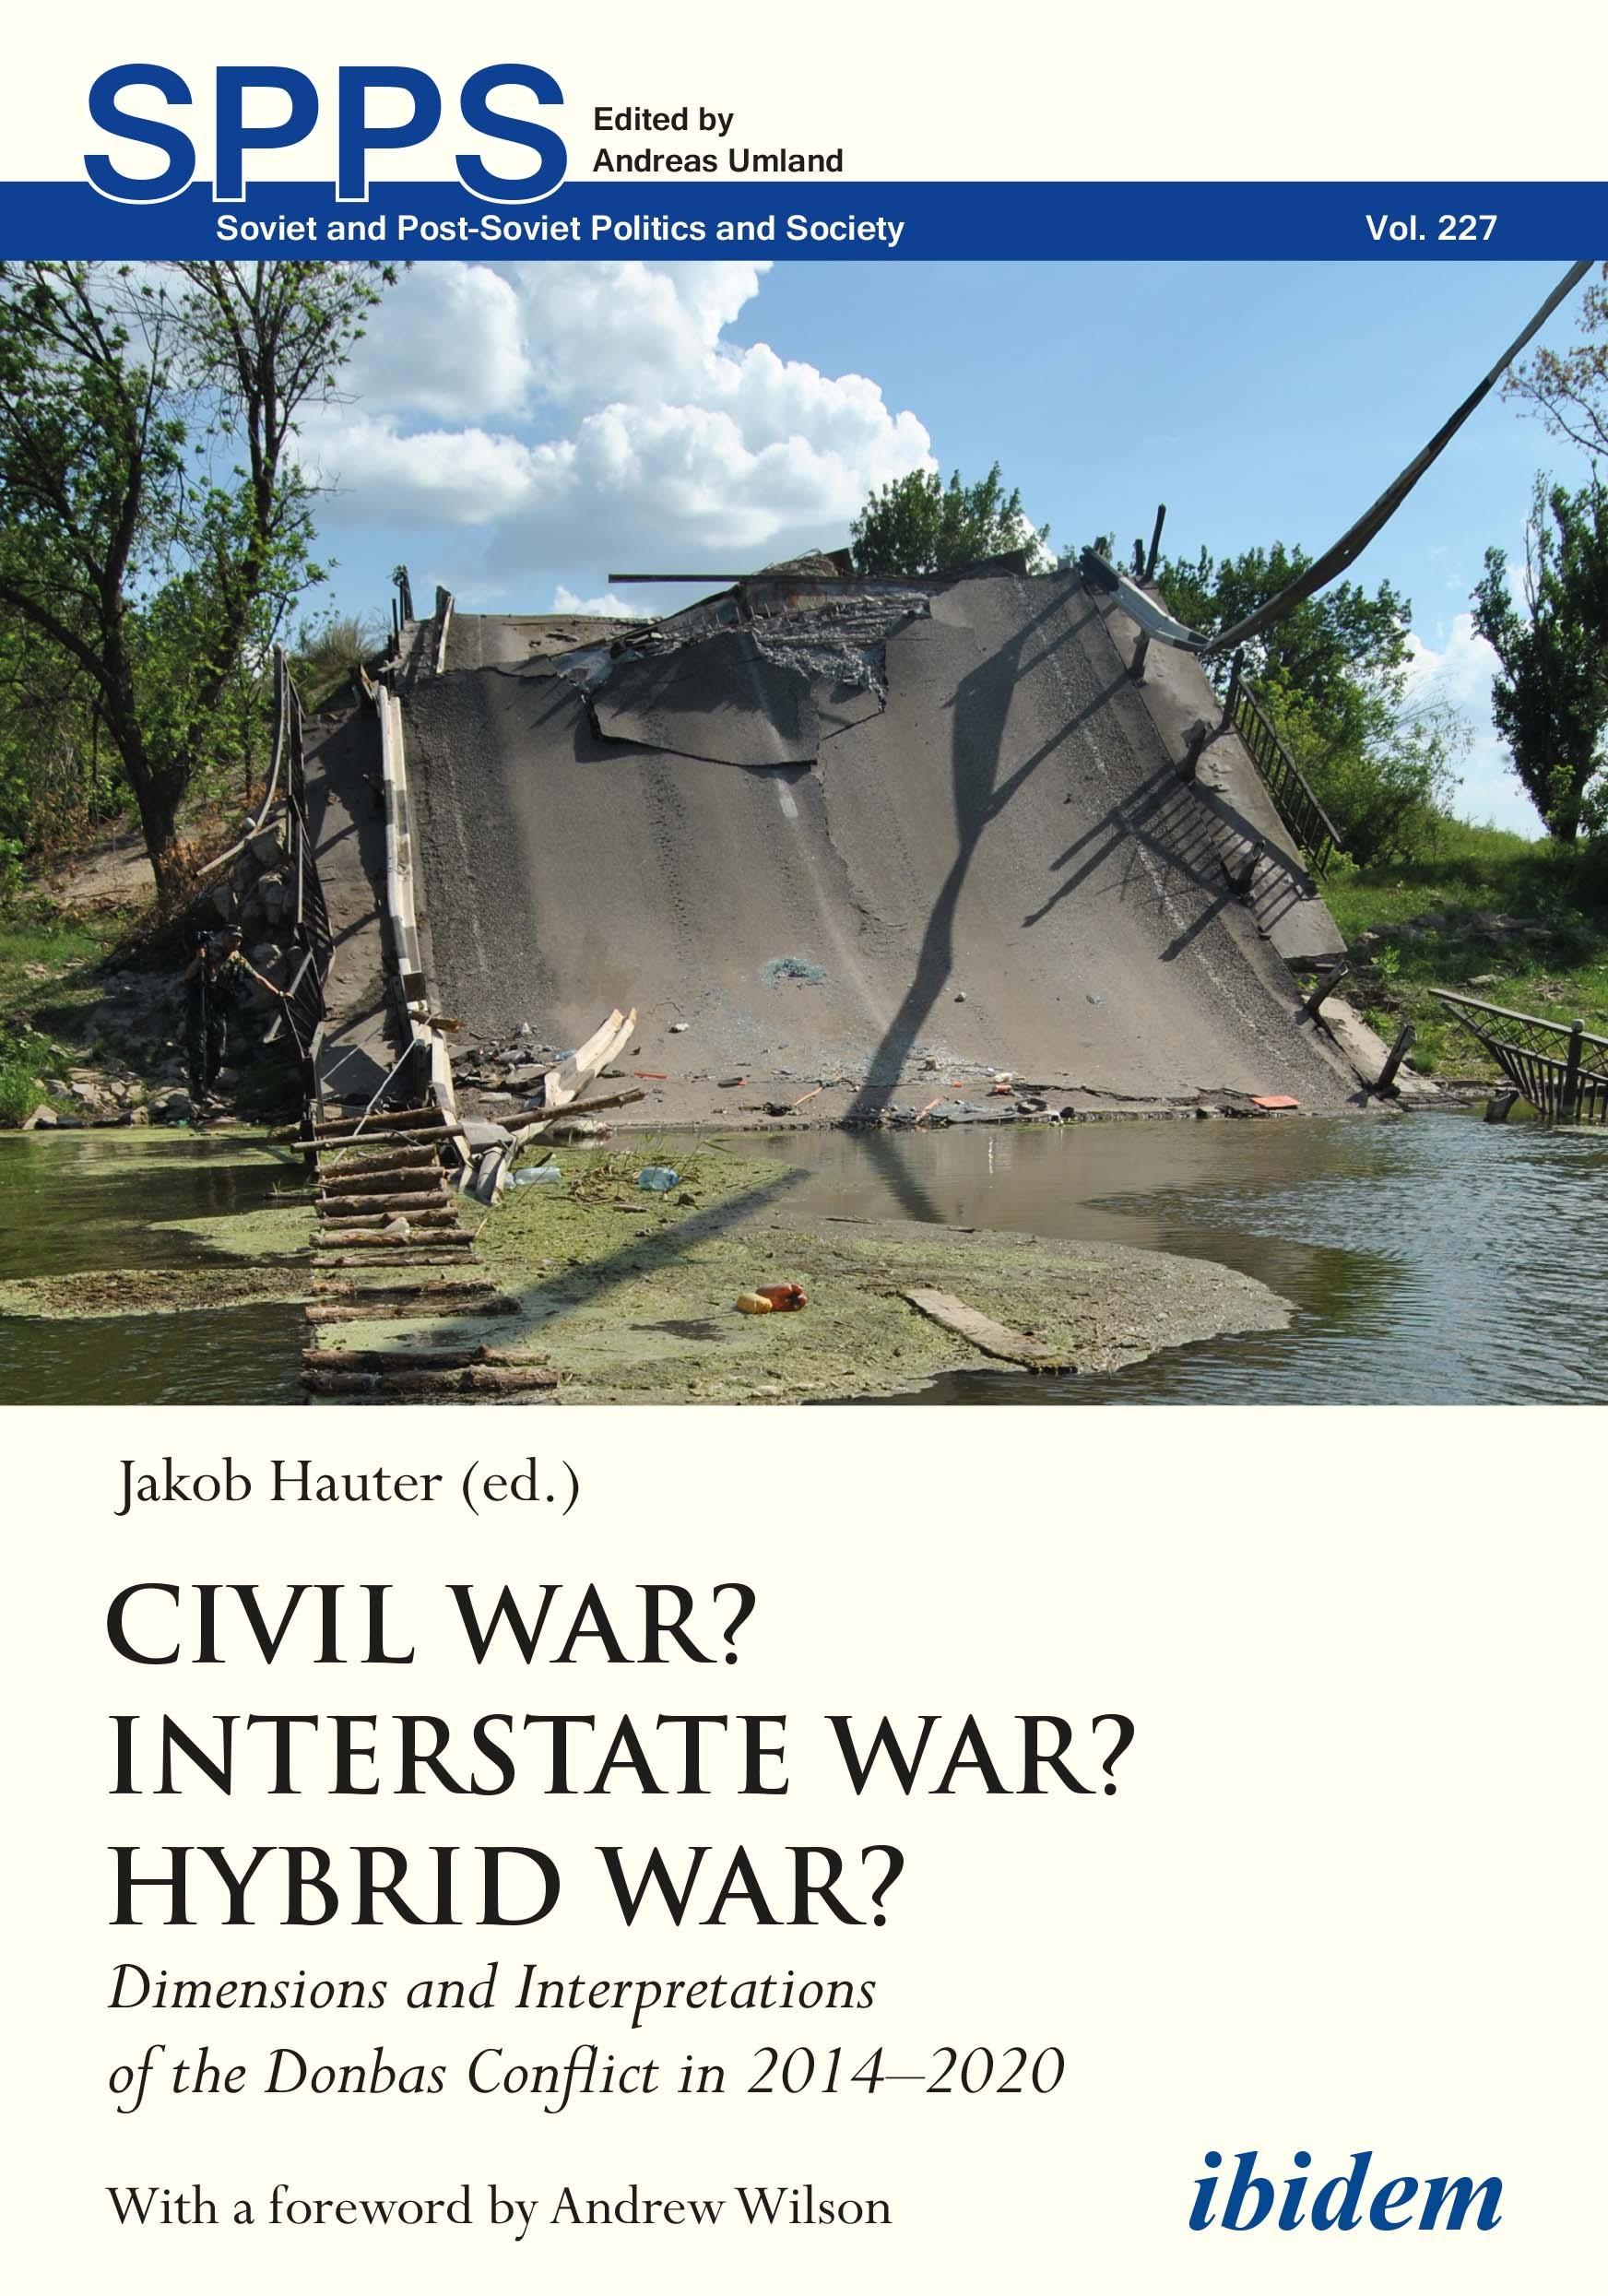 Civil War? Interstate War? Hybrid War?